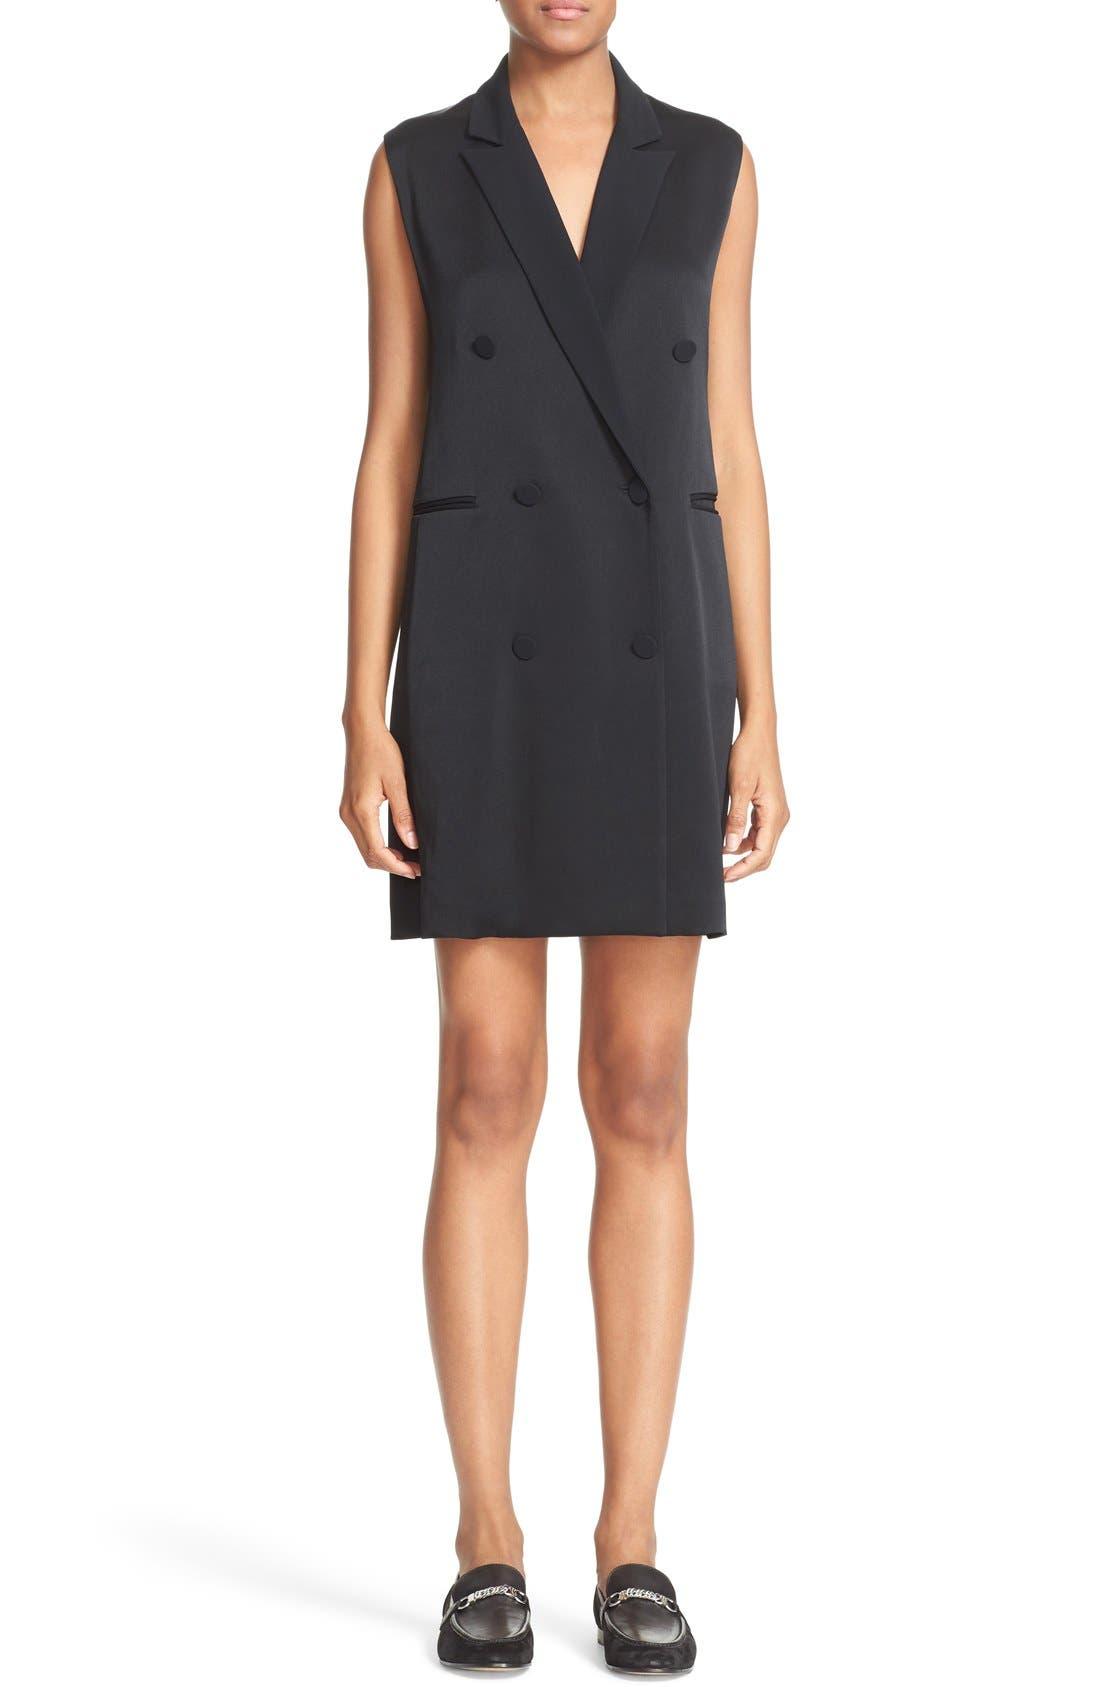 'Adler' Sleeveless Blazer Dress, Main, color, 001